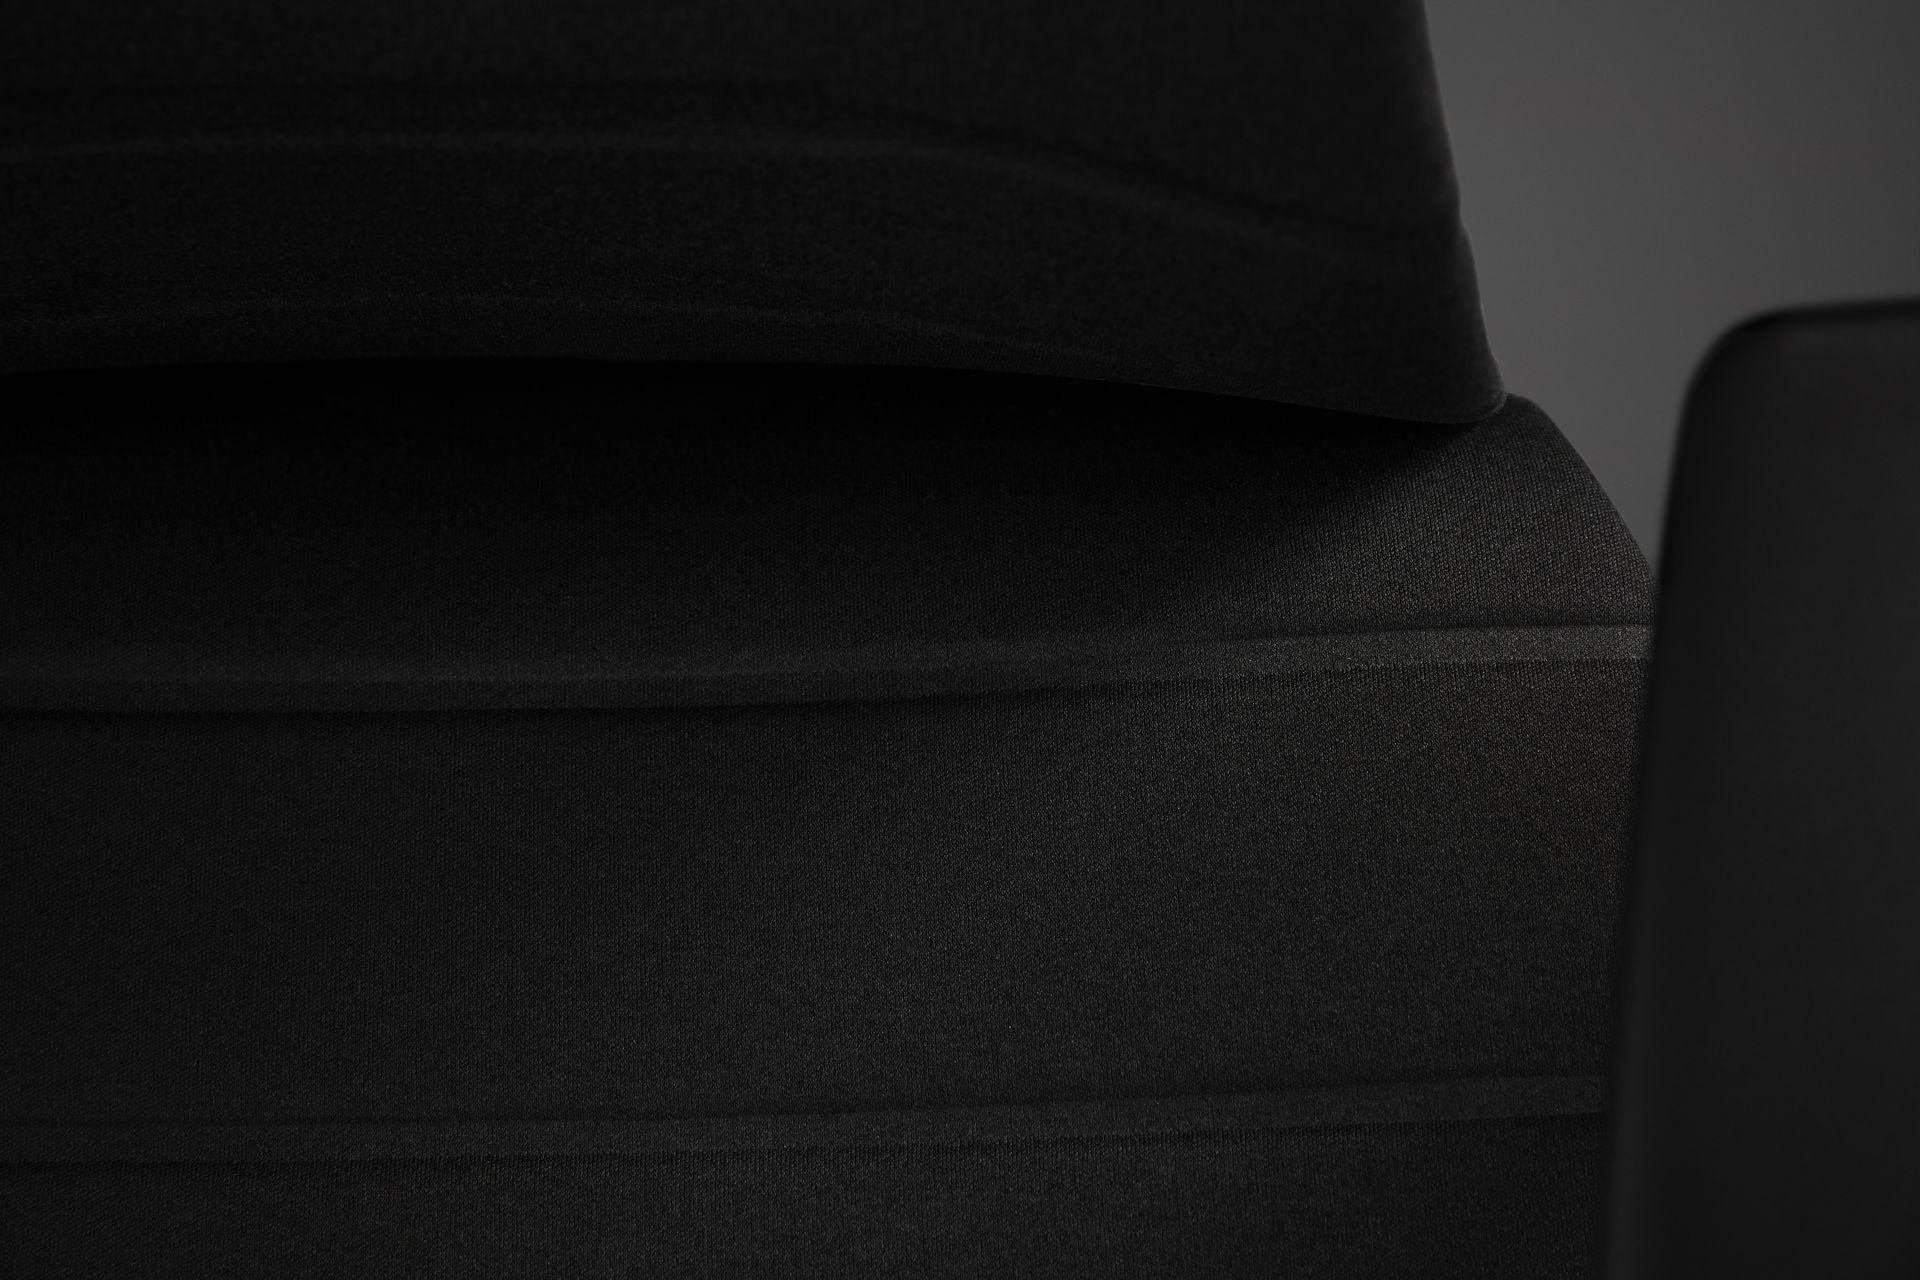 """19 - 【画像】アーロンチェアのハーマンミラーが開発した""""ゲーミングチェア""""がついに公開!!!!"""